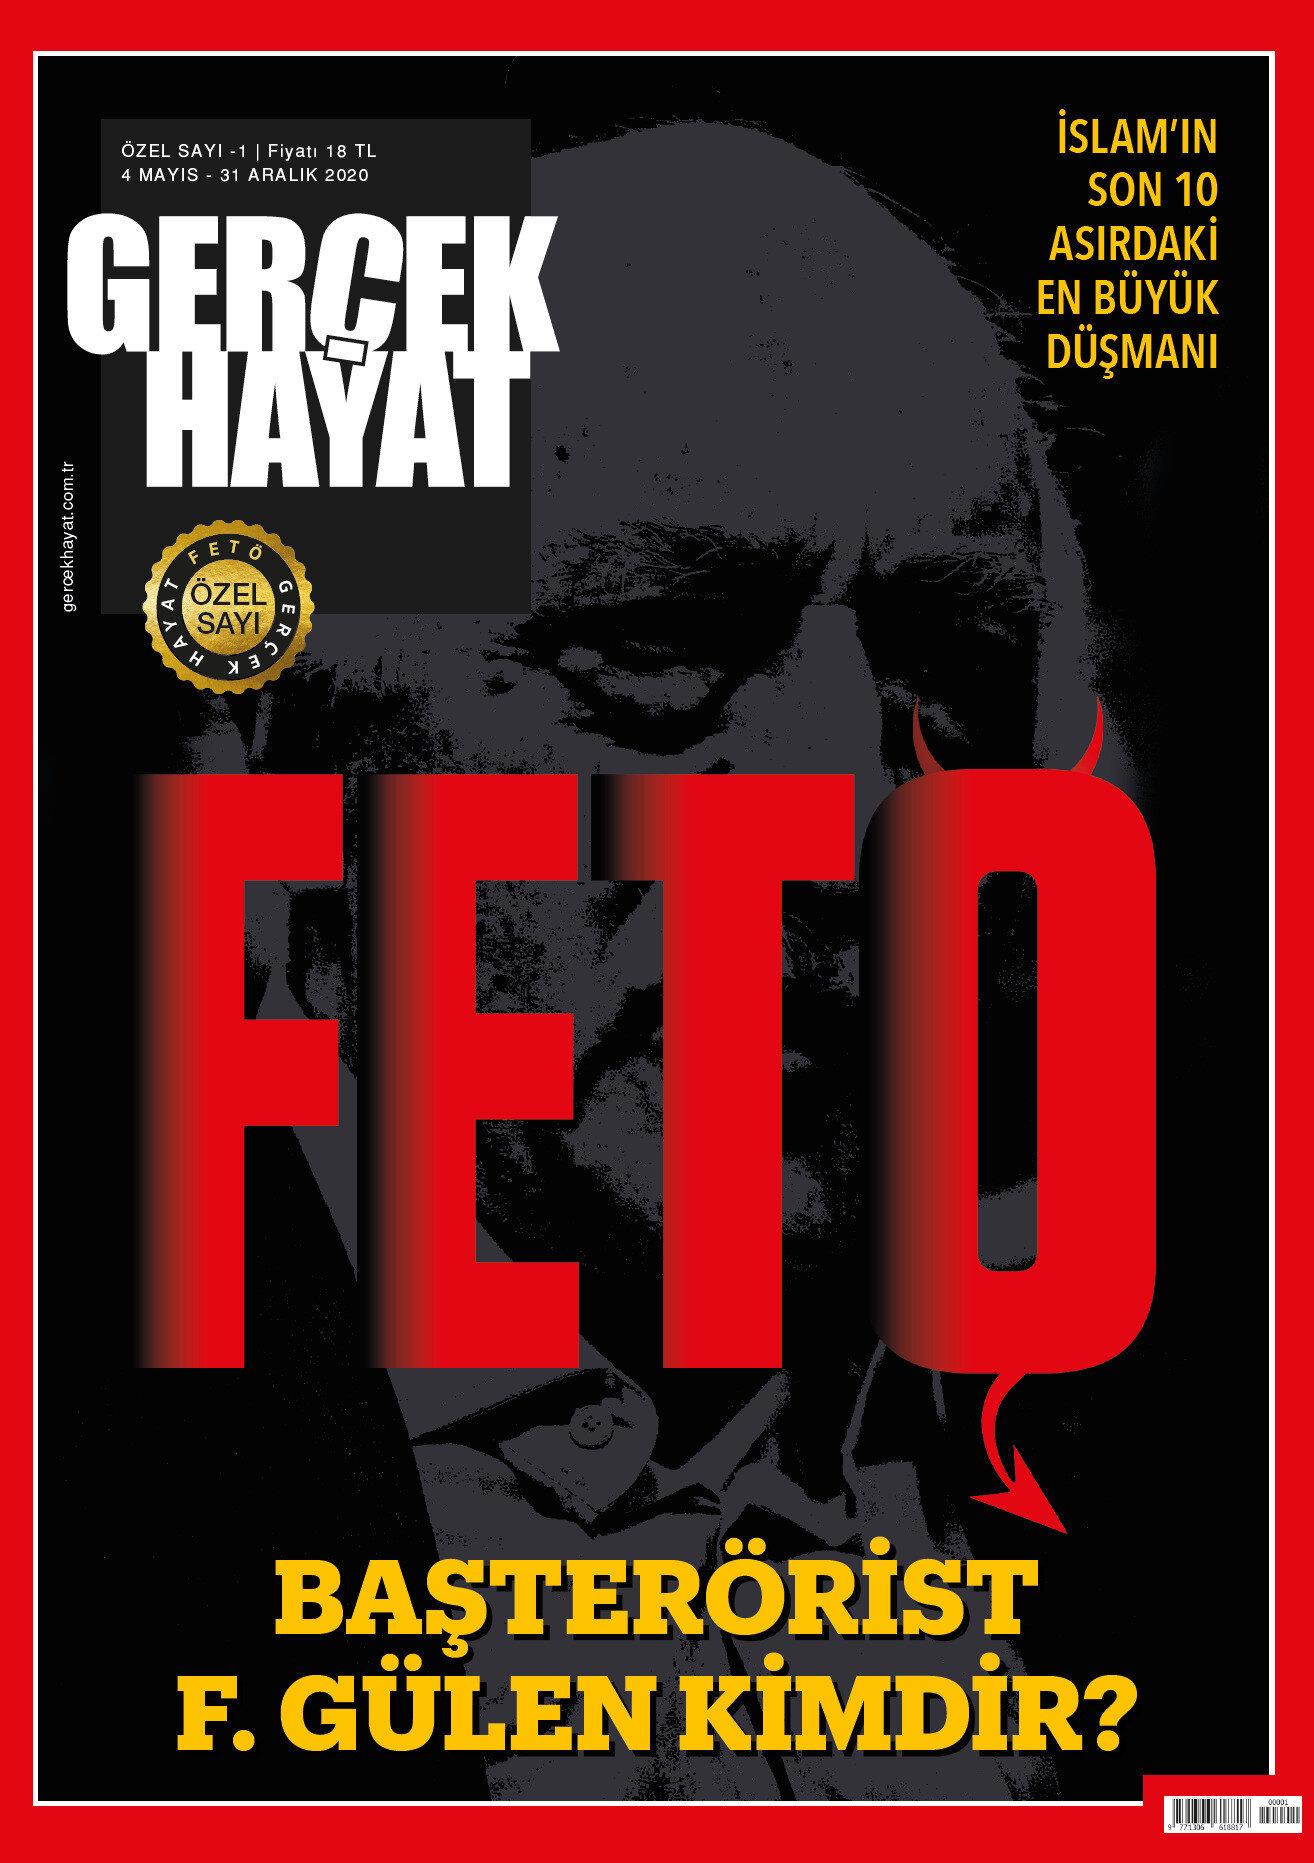 176 sayfalık özel sayıda, FETÖ ve Pensilvanya'daki lideri Fetullah Gülen'e dair birbirinden çarpıcı bilgi ve belgeler yer alıyor.